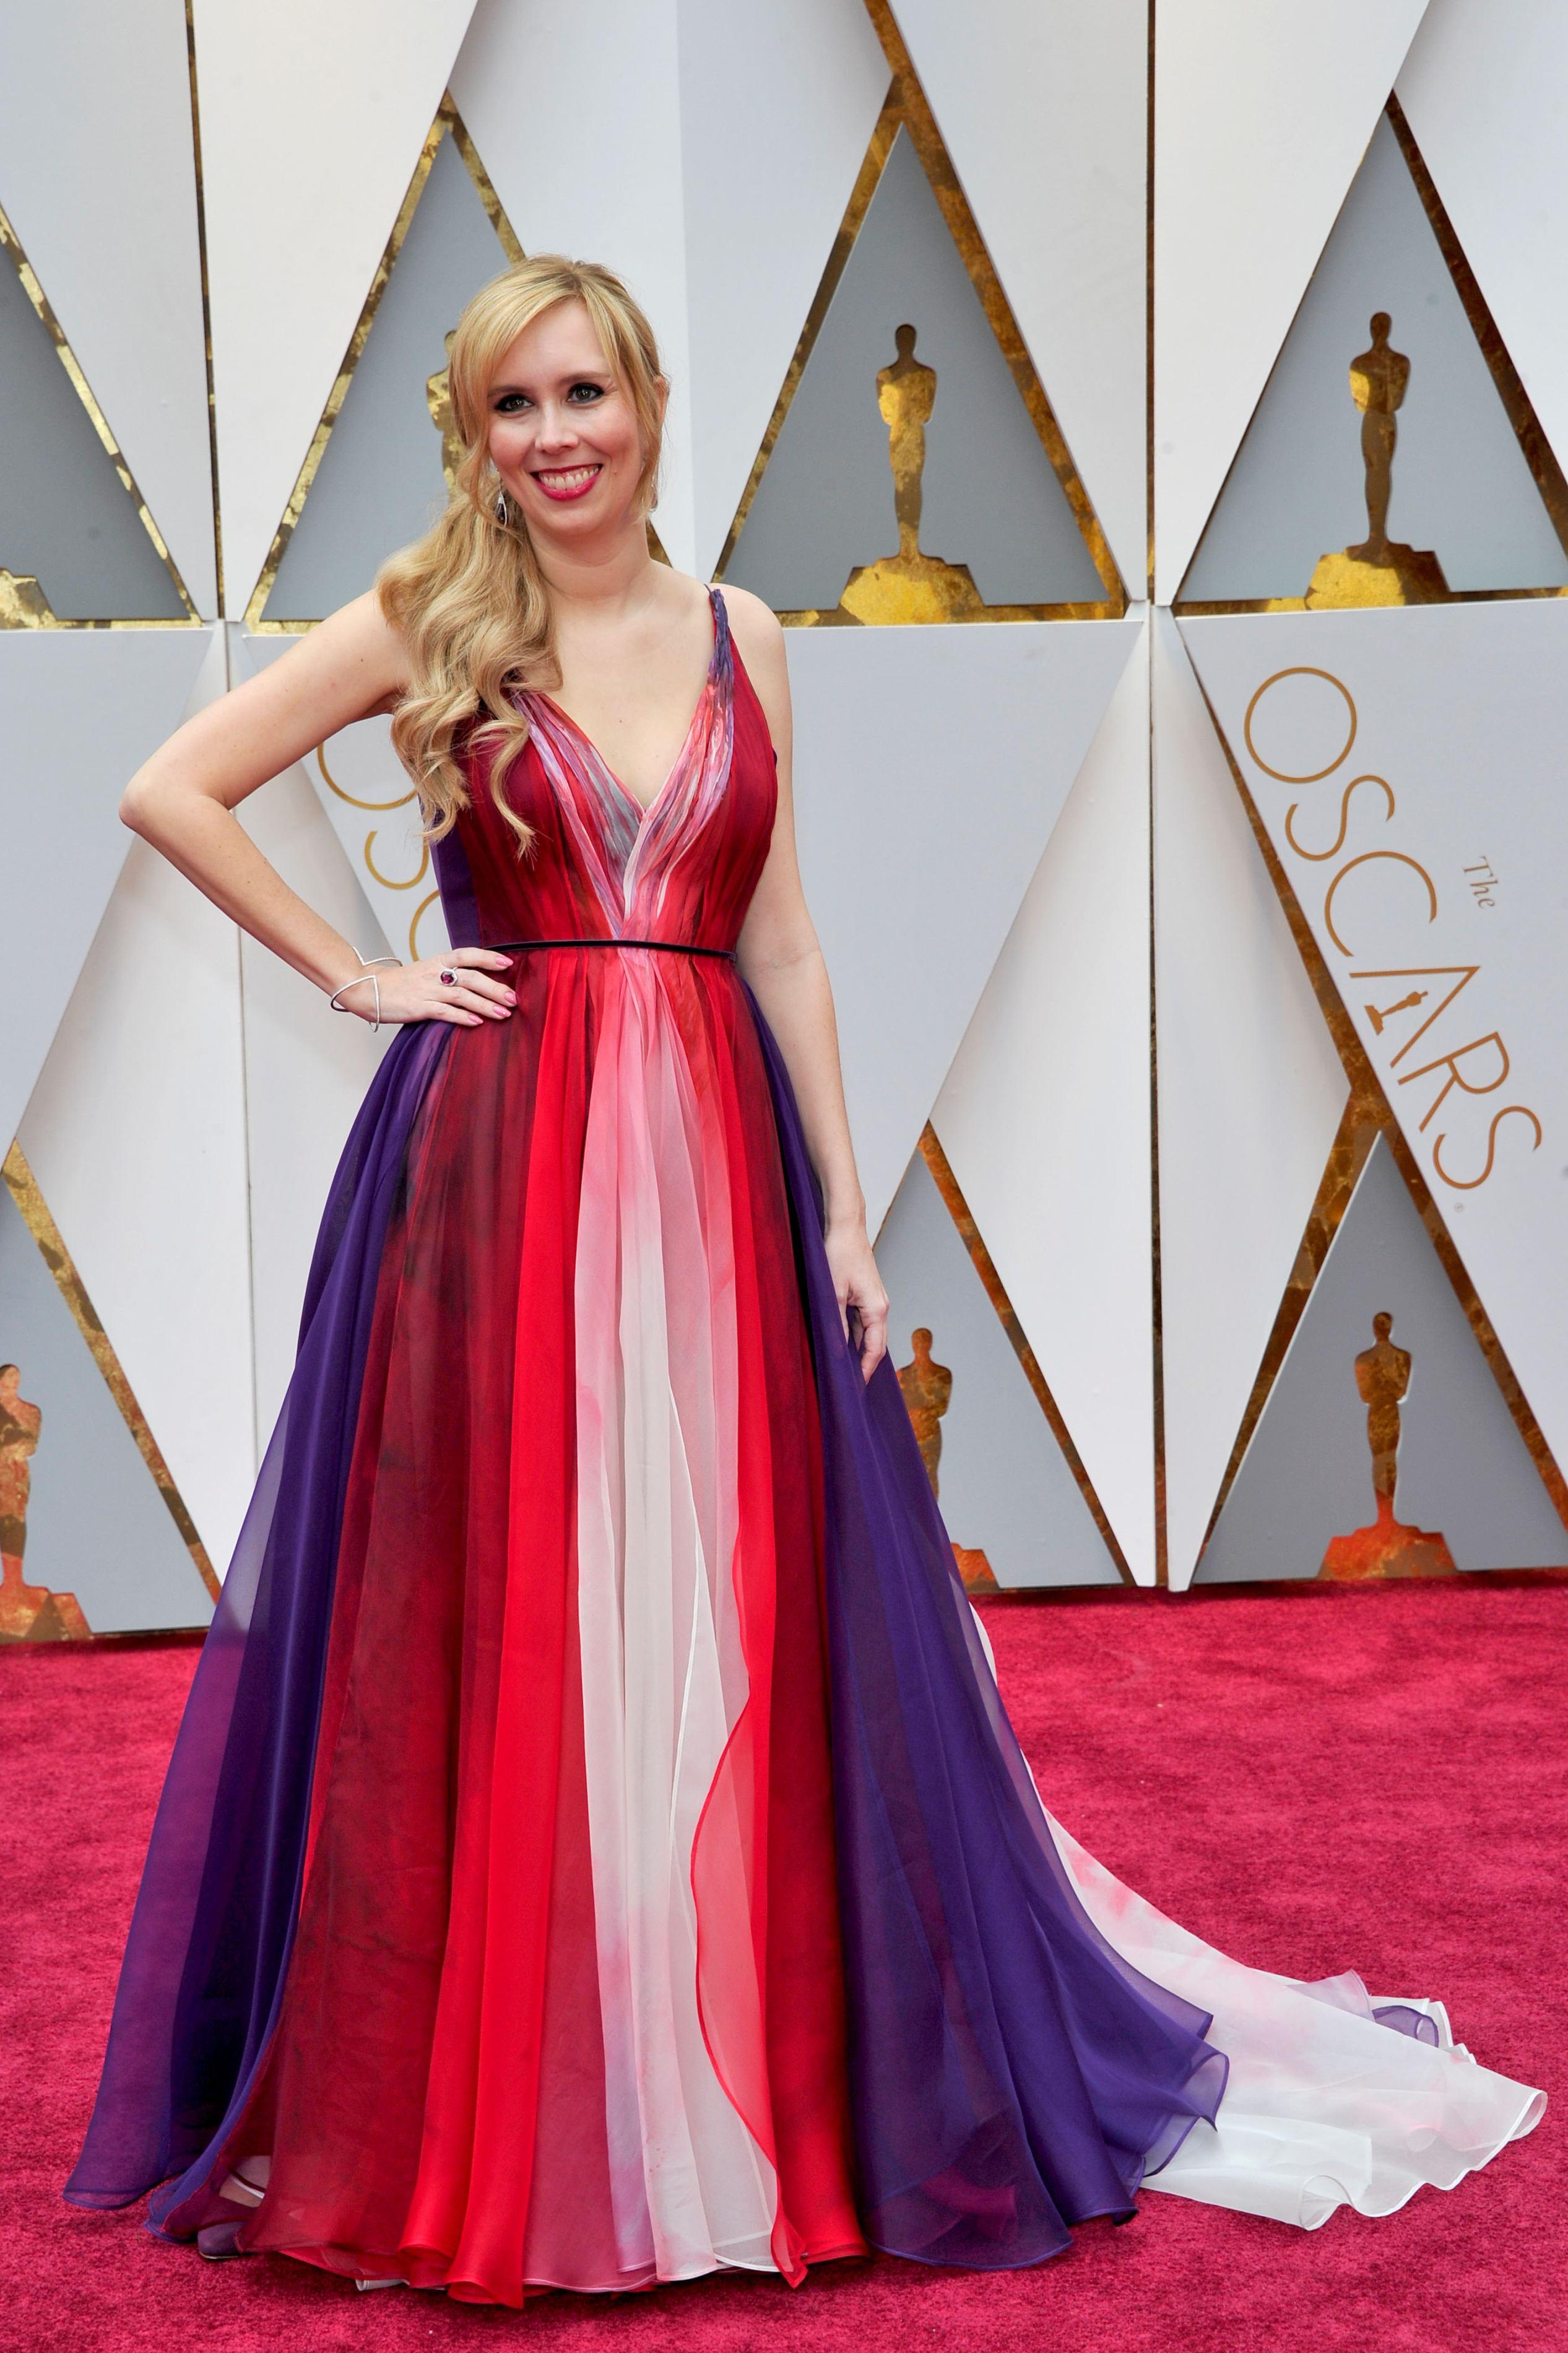 Allison Schroeder a afișat o rochie mult prea colorată pentru un astfel de eveniment, precum Oscarul